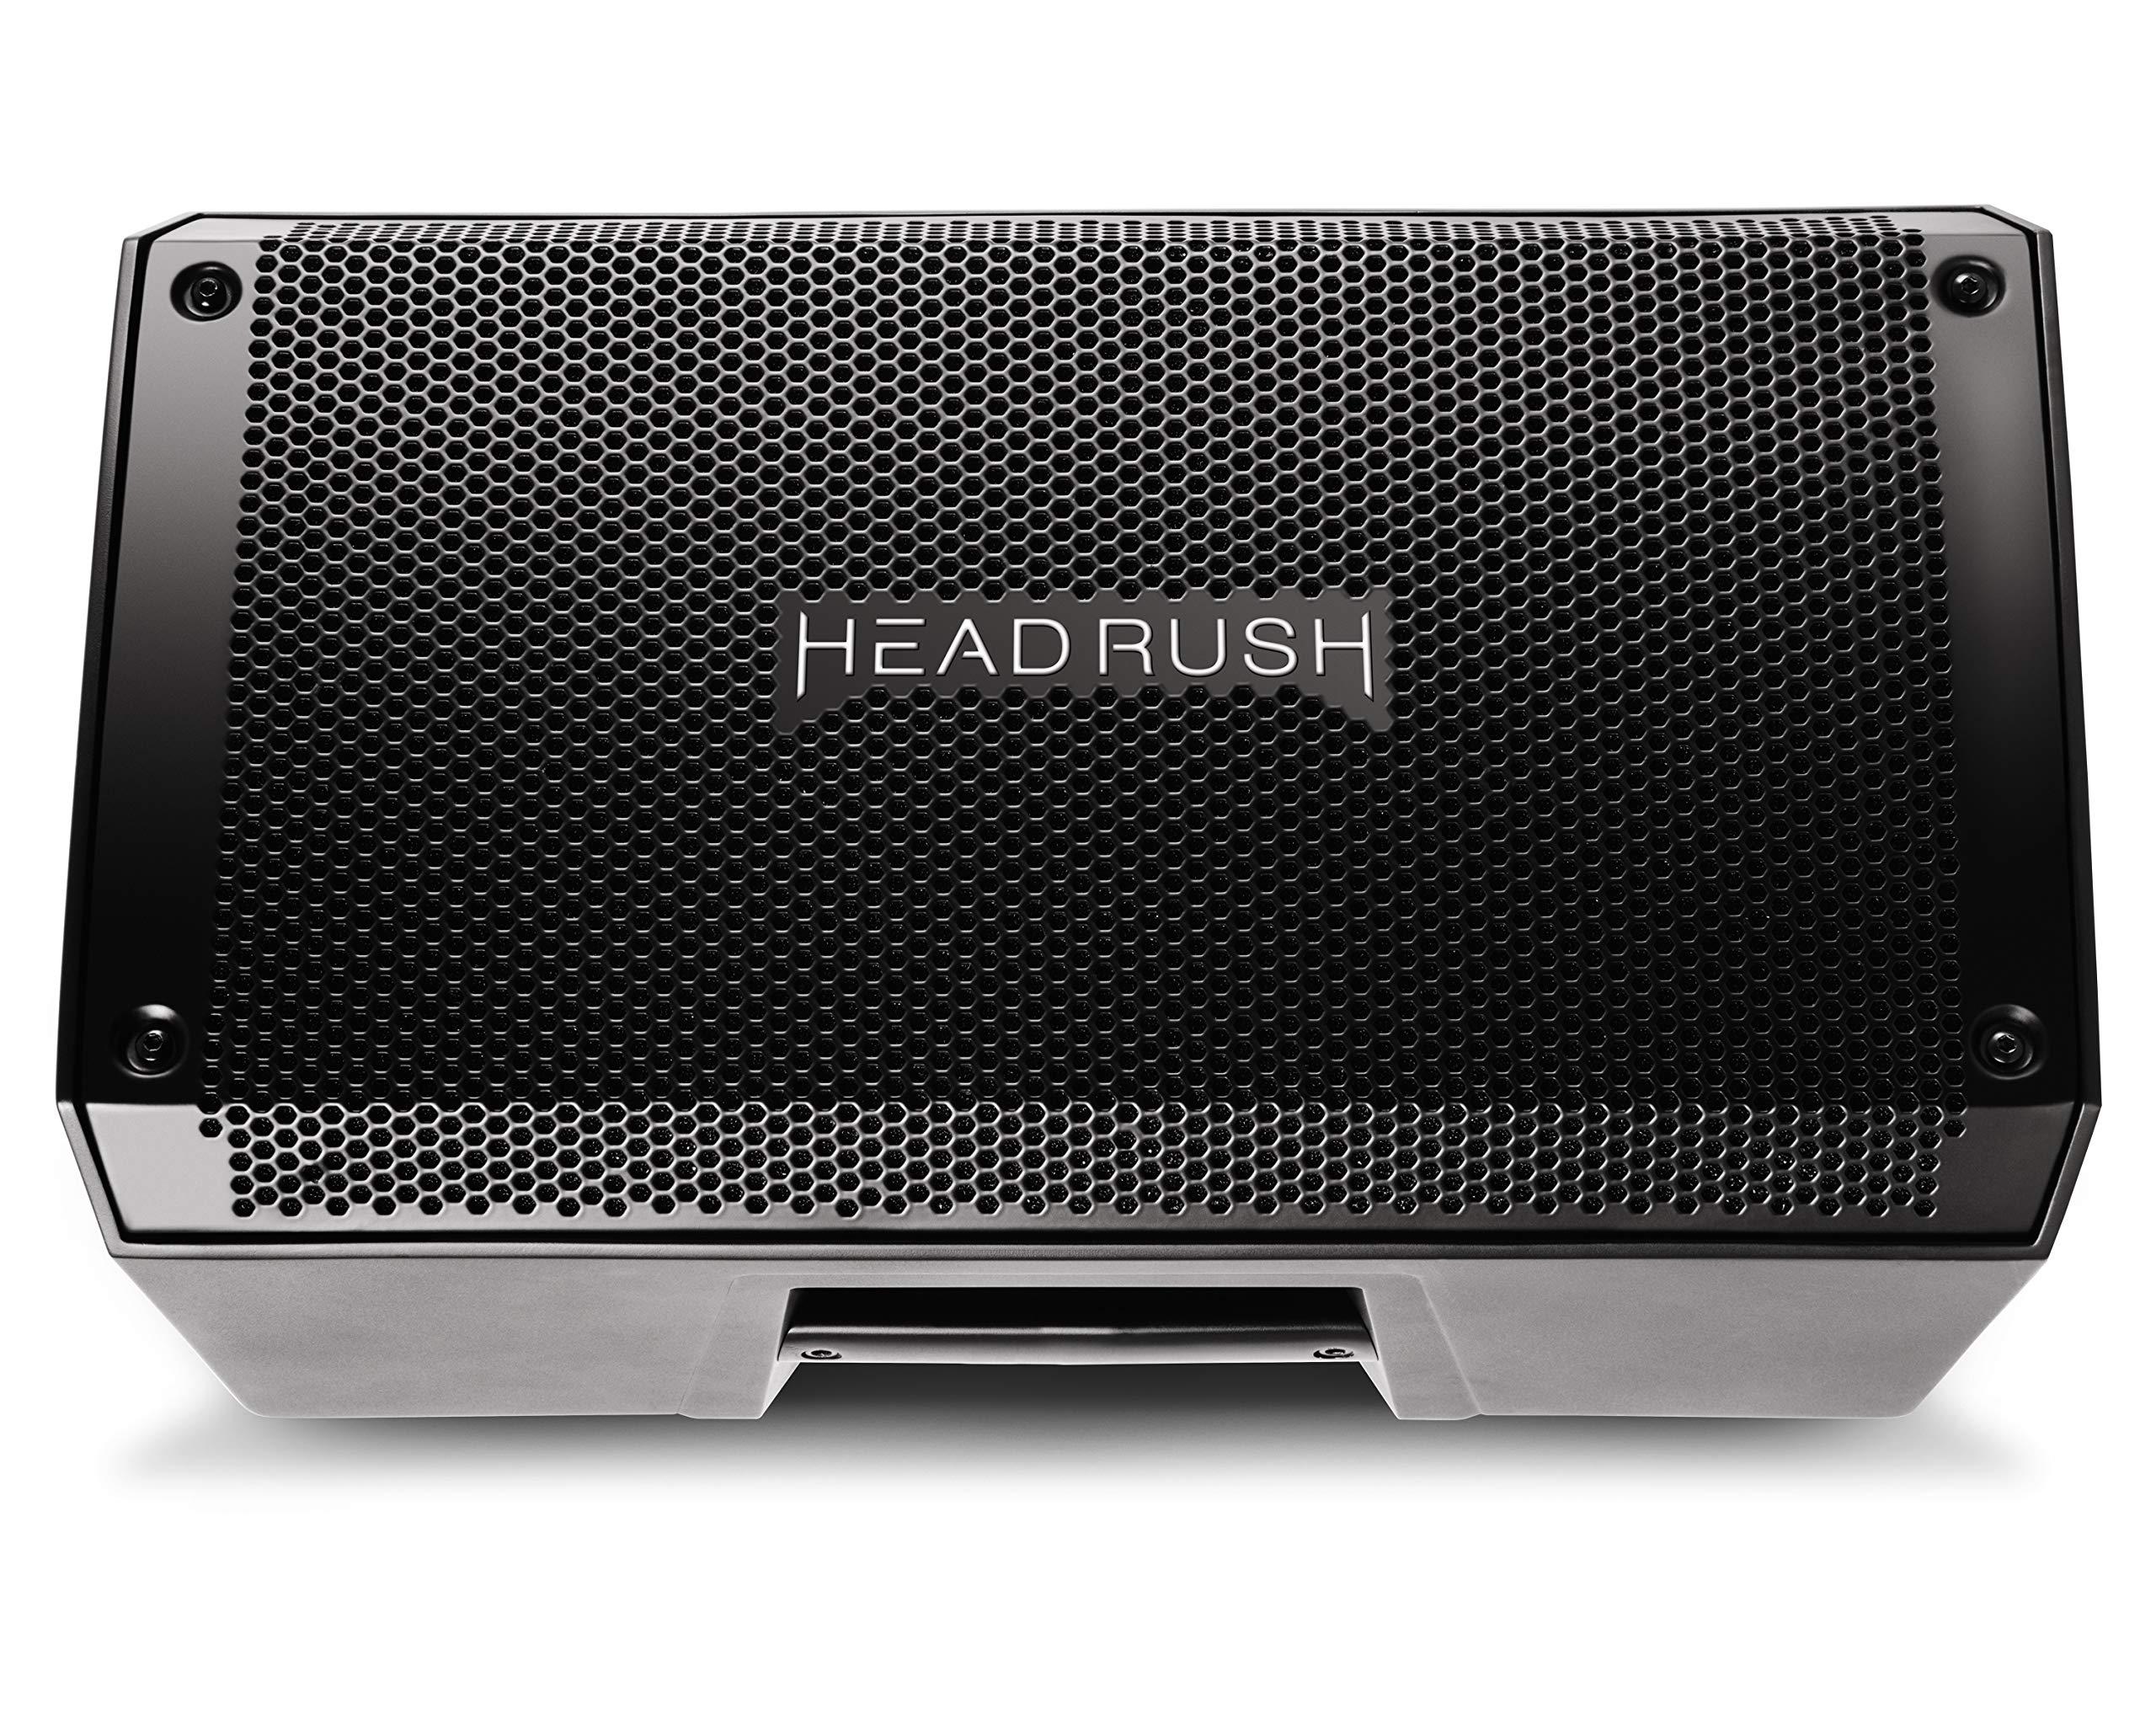 HeadRush FRFR-108 | 2000W Full-Range Flat-Response Powered Guitar Cabinet by Head Rush